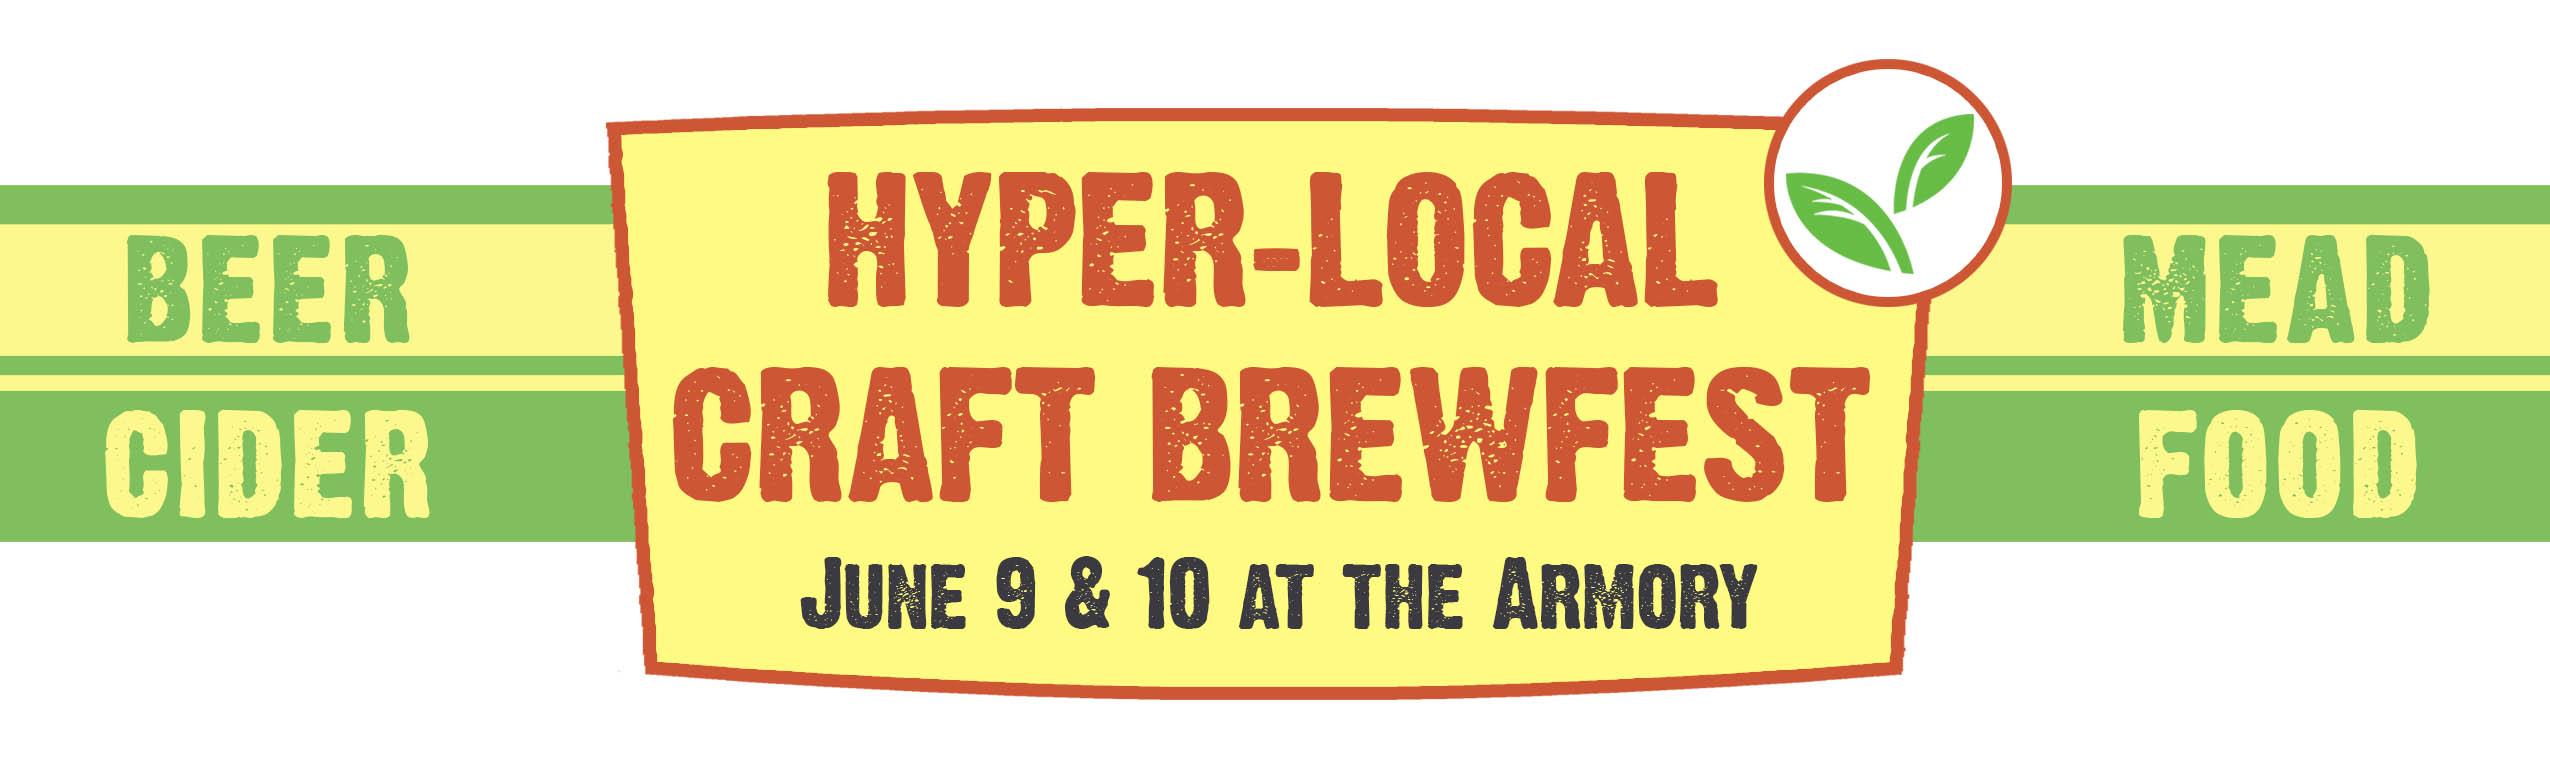 Hyper Local Craft Brewfest